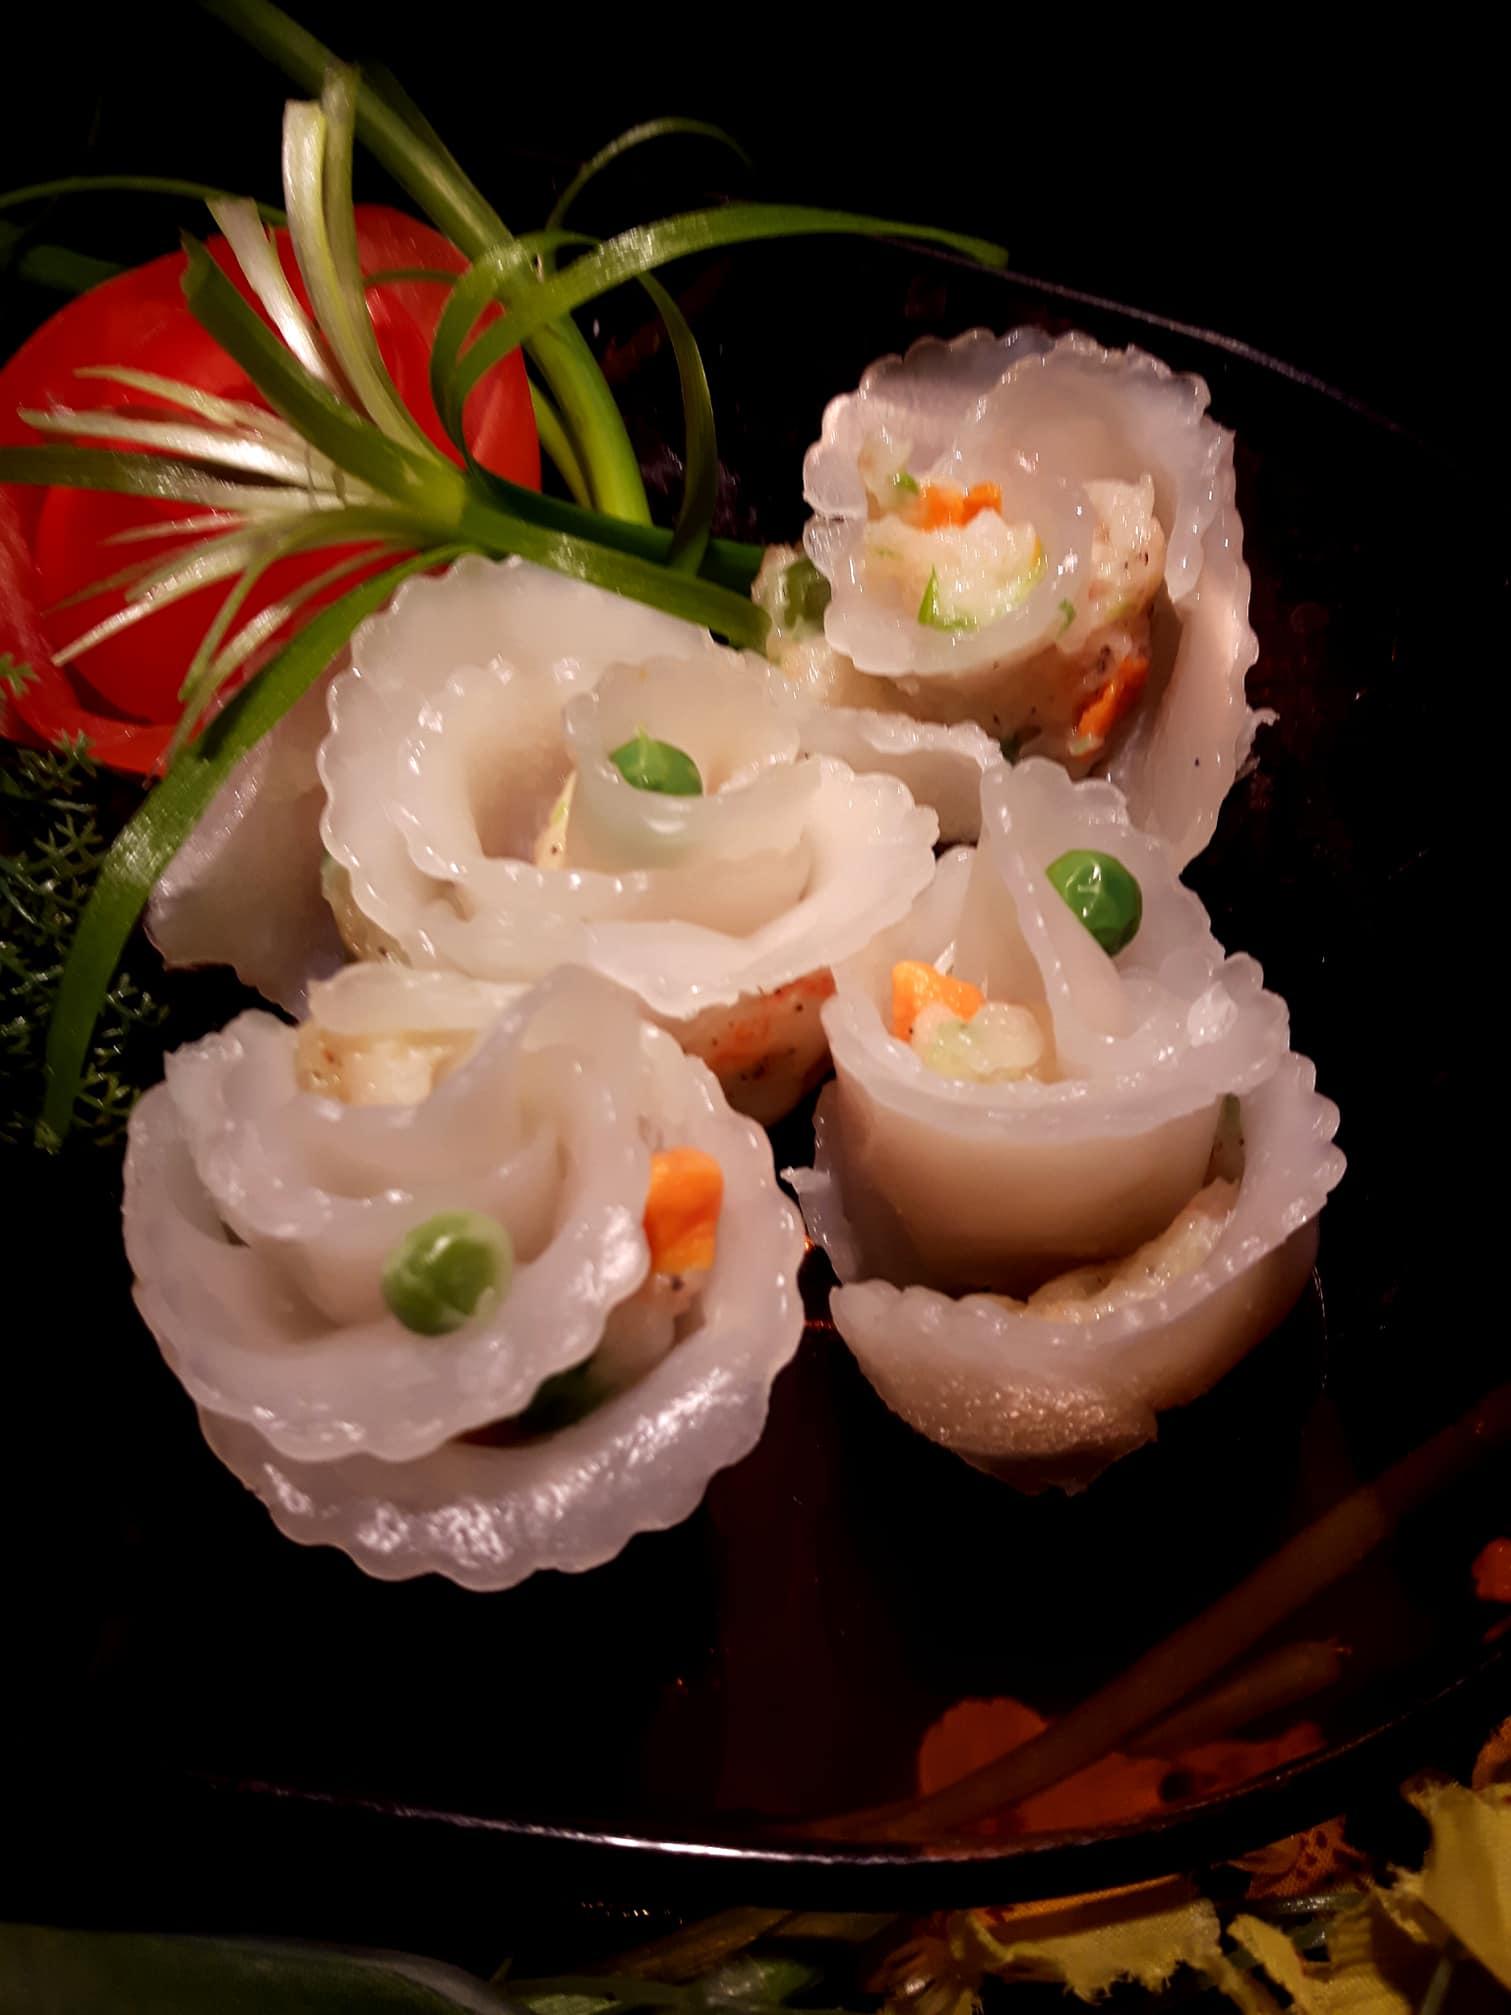 Tự làm há cảo hoa hồng trong veo cực xinh, thơm ngọt vị tôm thịt - 4